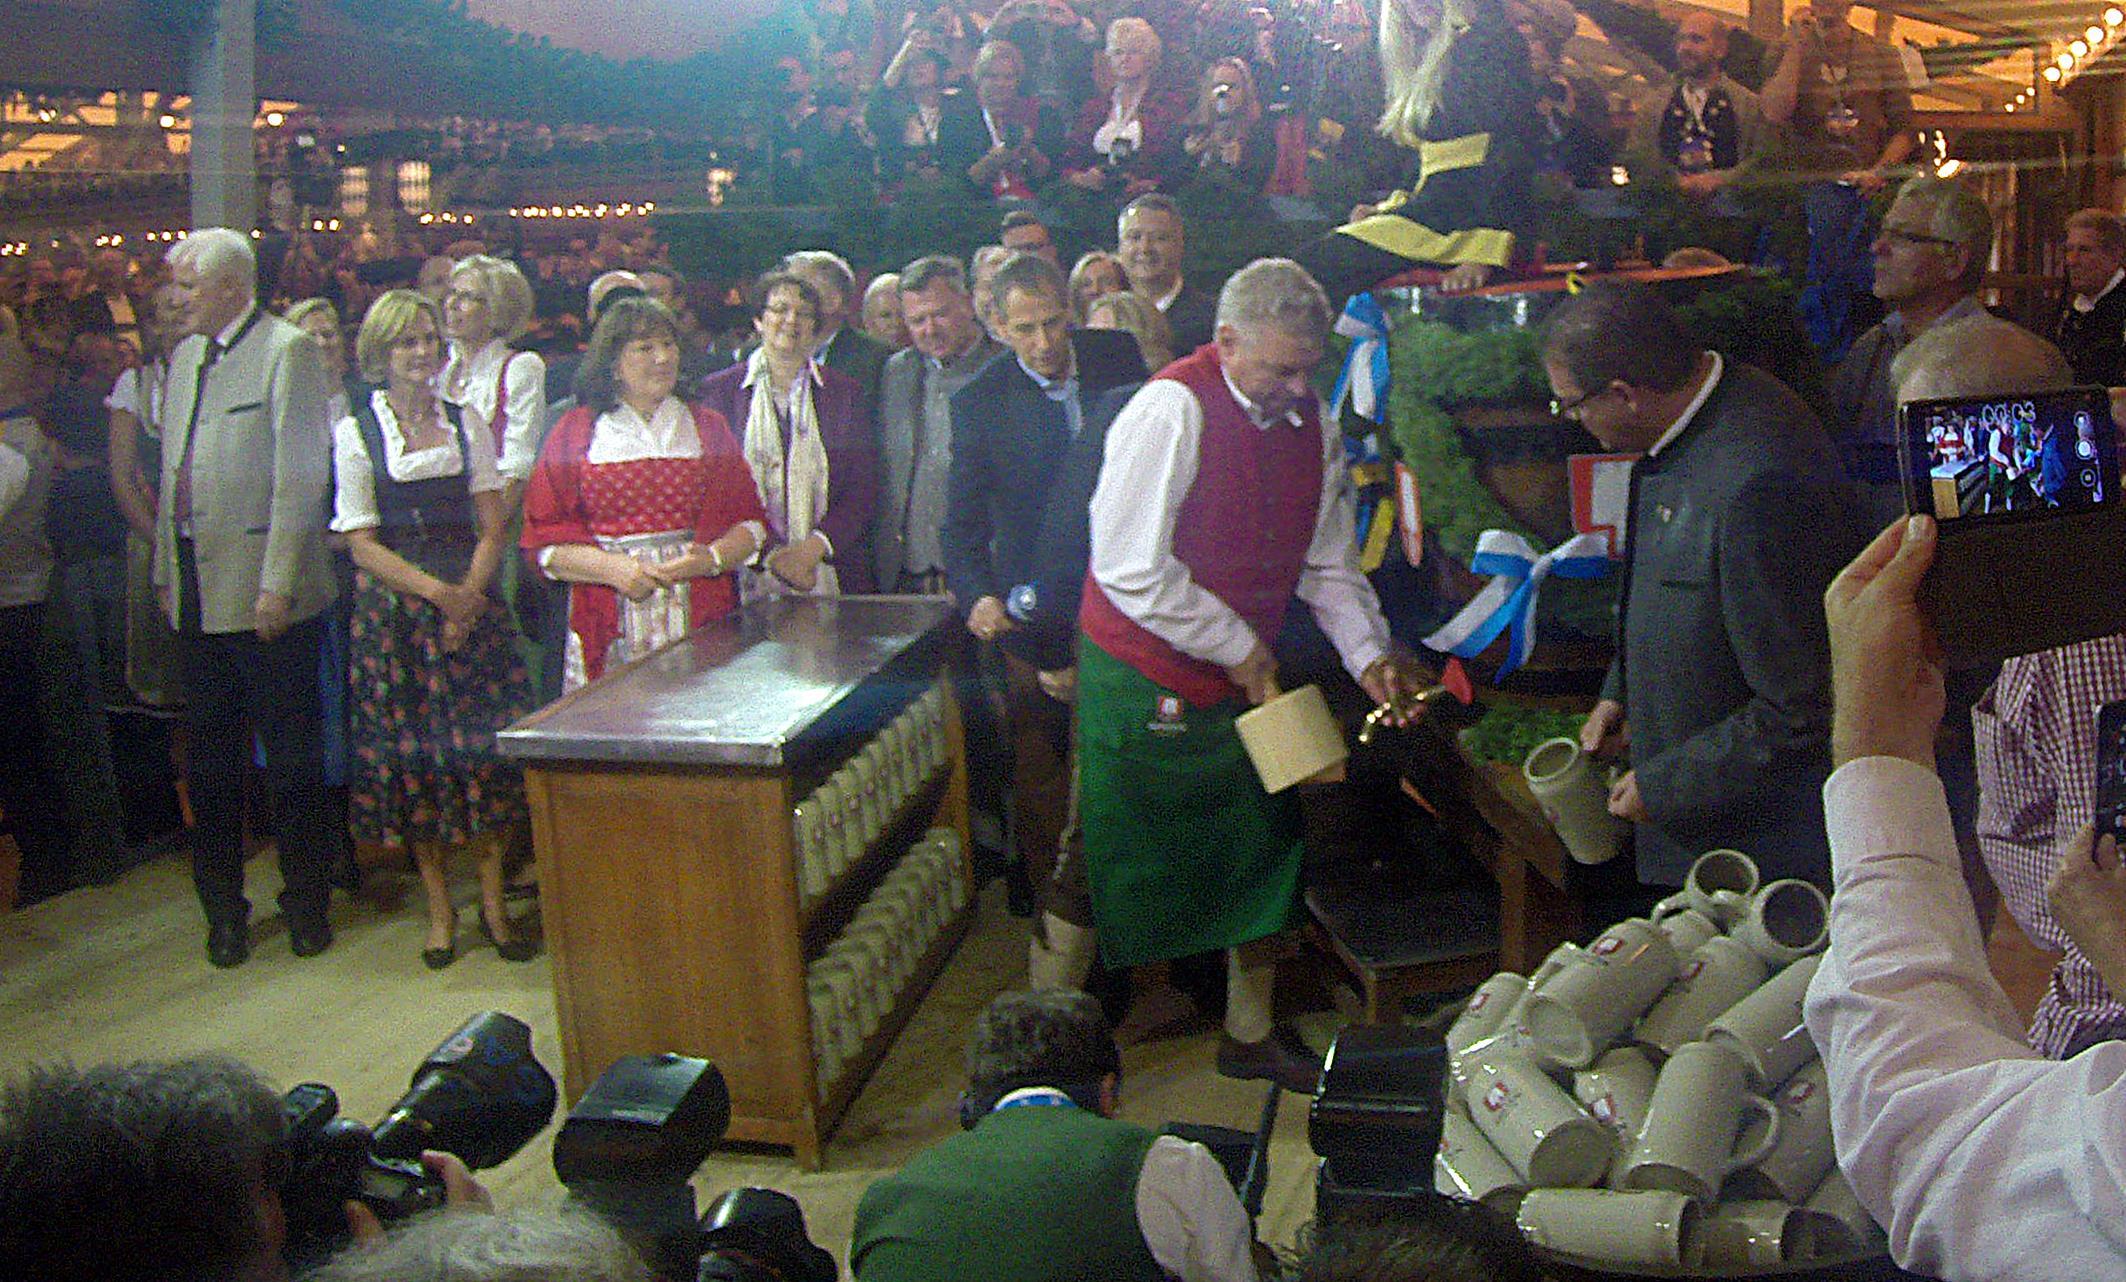 Anzapfen Oktoberfest Schottenhamel Dieter Reiter